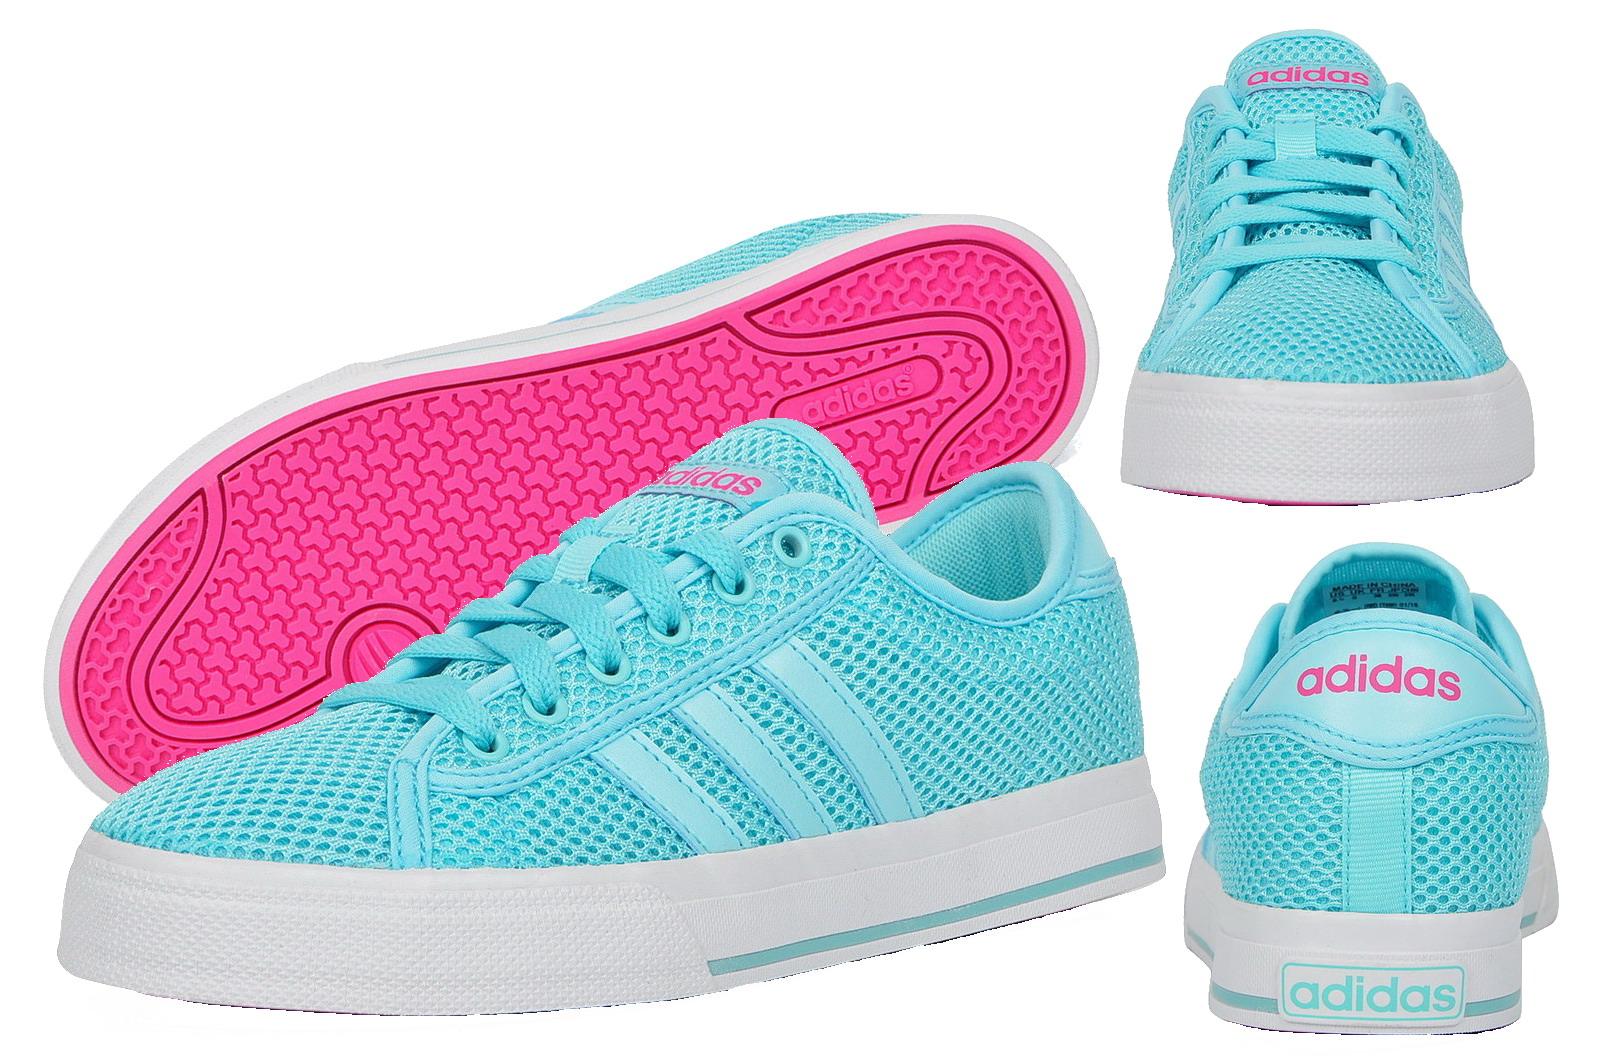 Adidas Neo Daily Bind buty damskie sportowe 37 13